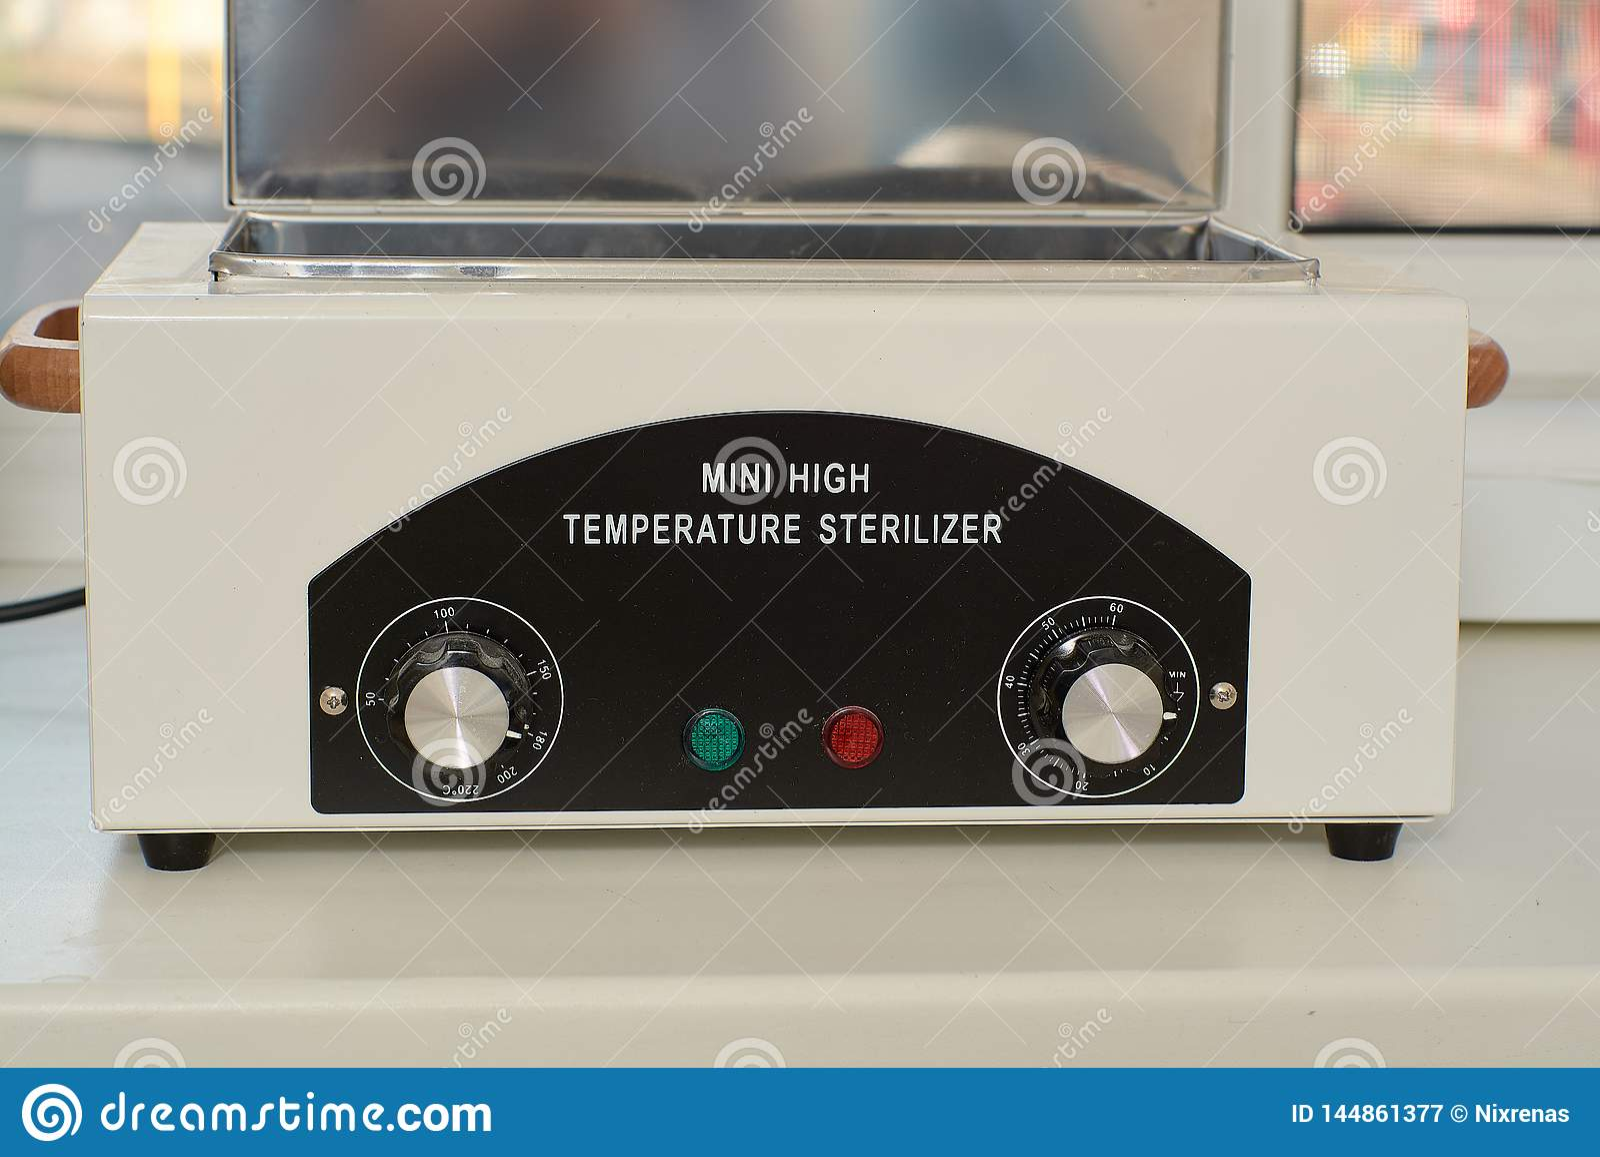 Мини высокотемпературное sterelizer Здравоохранение медицинского оборудования